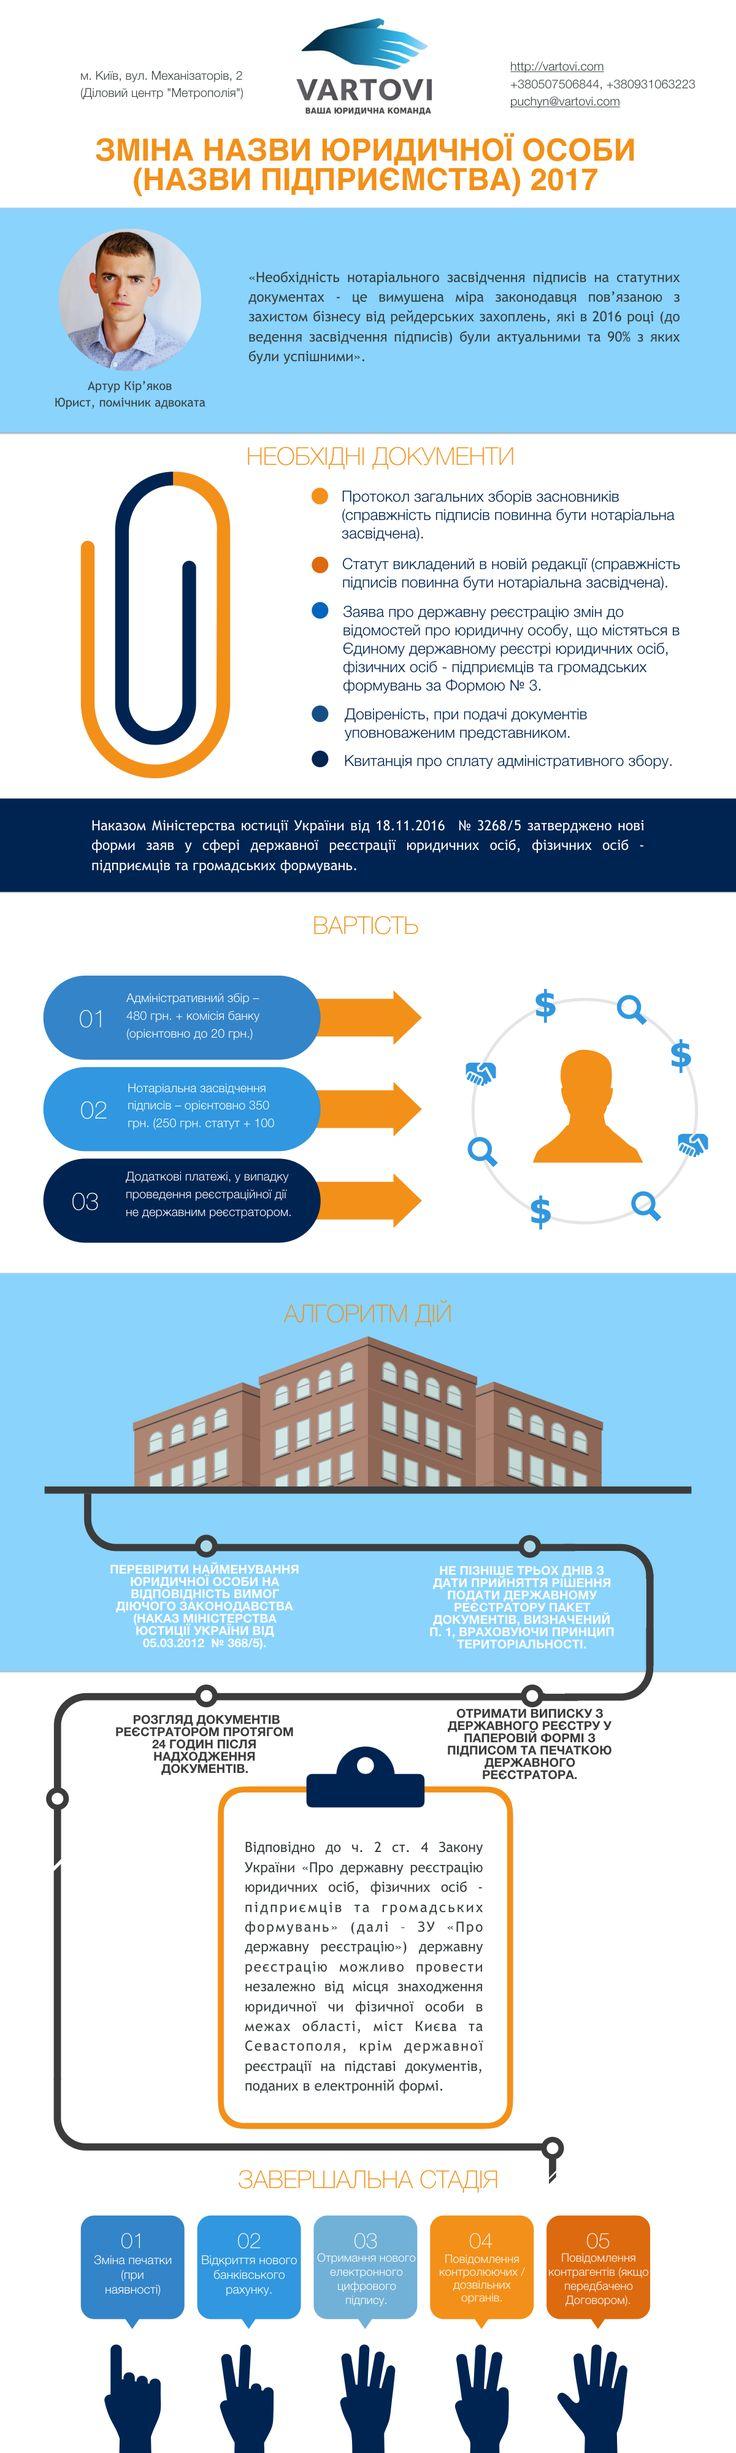 Создаем инфографику для юристов! +380674474107 kravchenko.lex@icloud.com